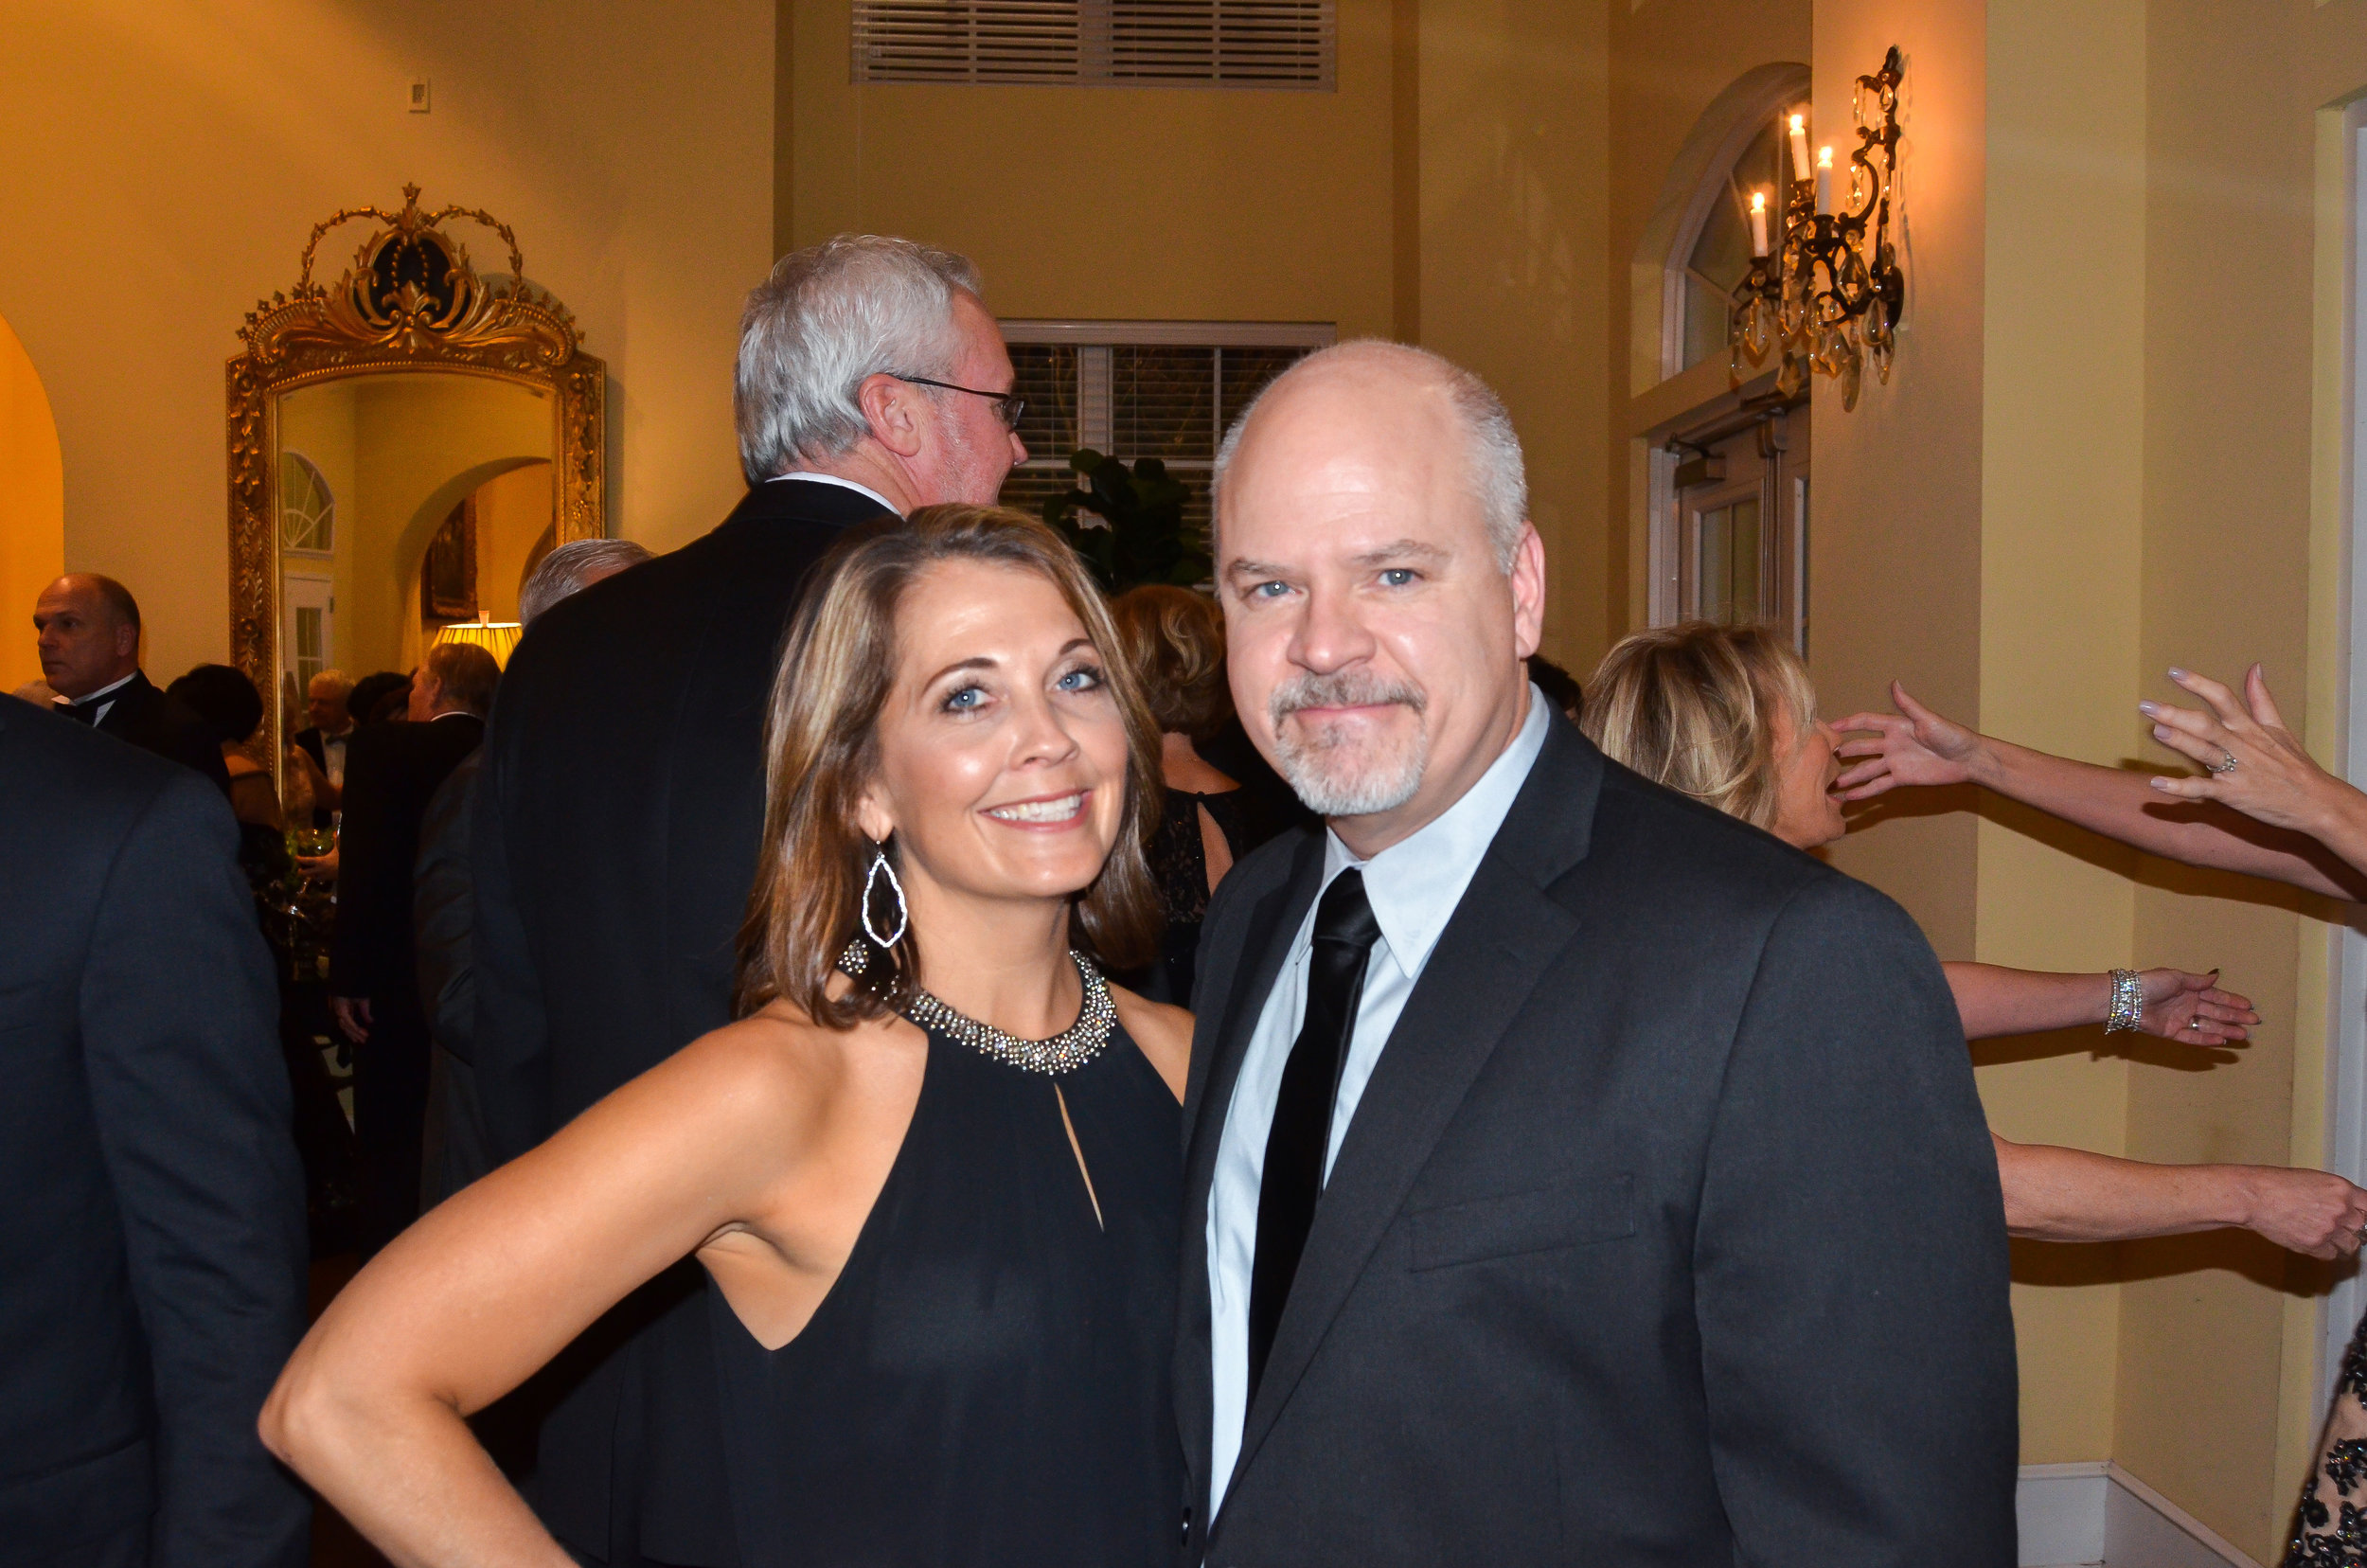 Darla and Mitch Wilf